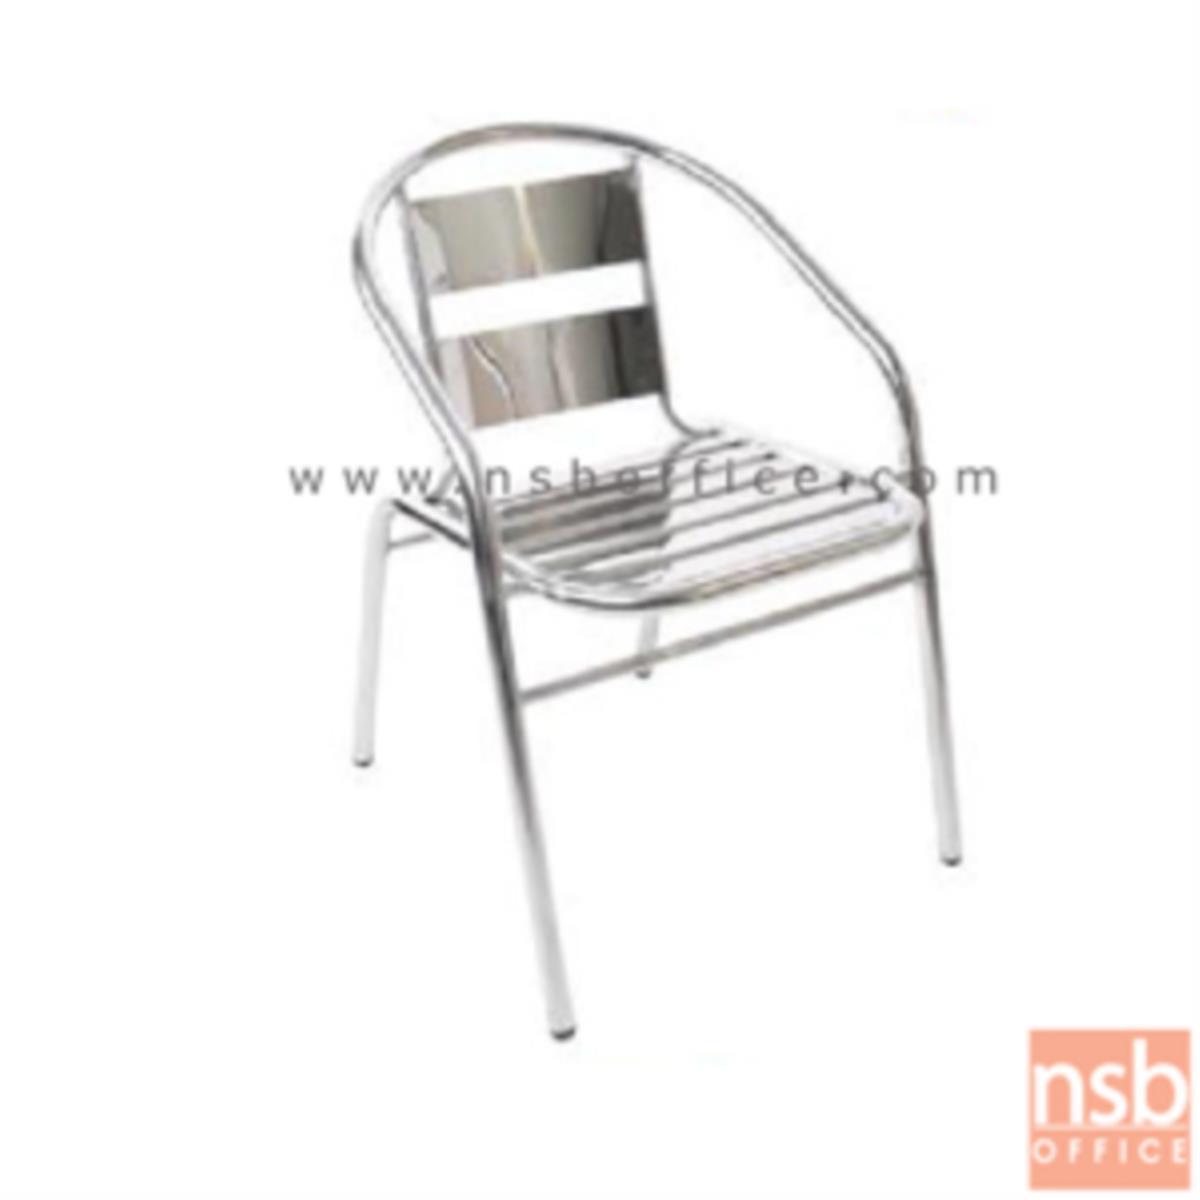 G12A089:เก้าอี้อเนกประสงค์สแตนเลส รุ่น Bernice (เบอนิช)  ขาสแตนเลส